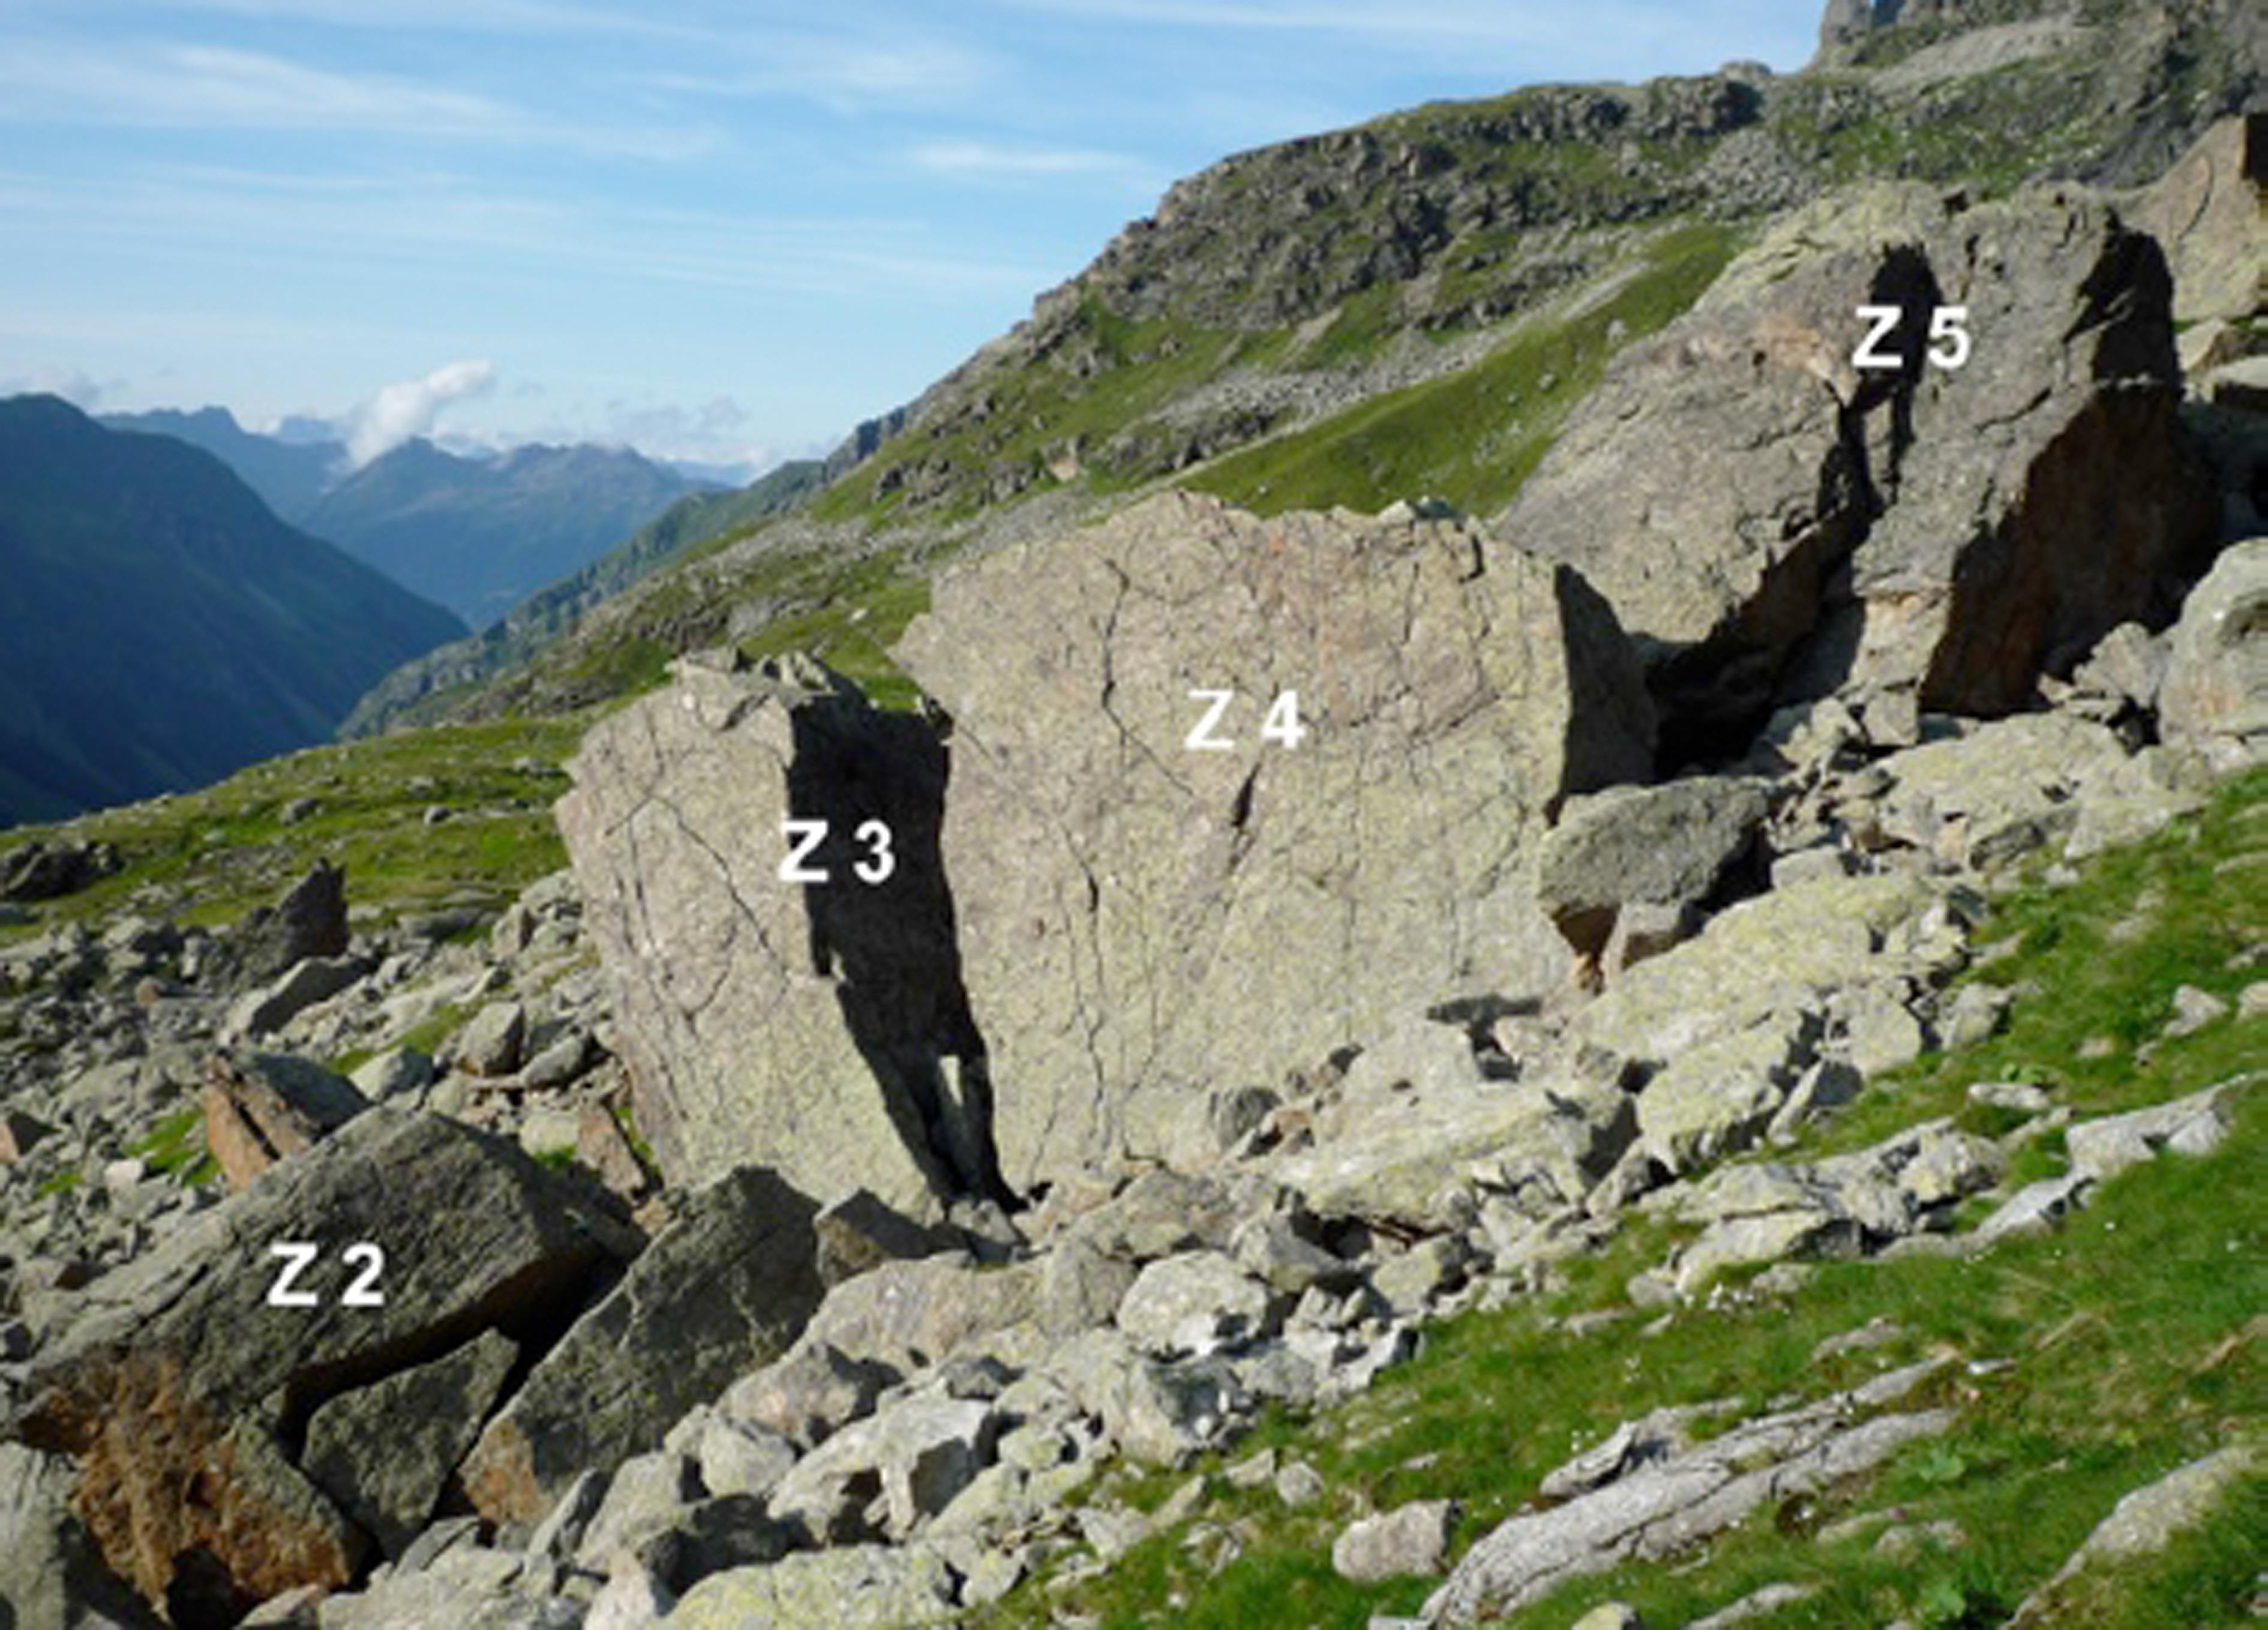 Kletterausrüstung Vorarlberg : Klettergarten tübinger hütte urlaub in vorarlberg